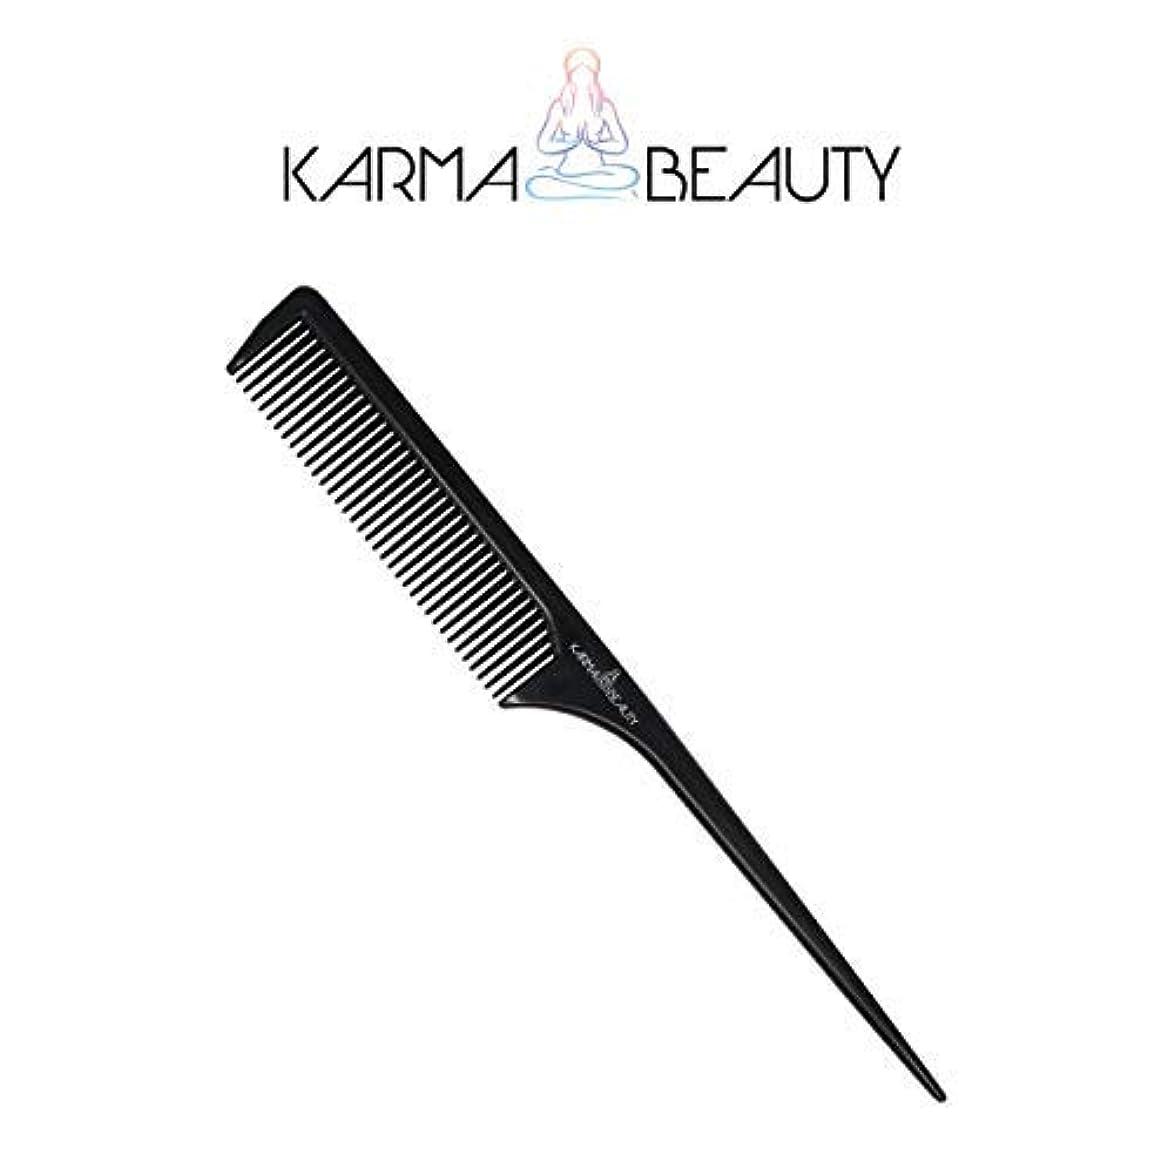 ちっちゃい好色な胚芽Tail Comb | Fine Tooth Hair Comb | Thin and Long Handle | Teasing Comb | For All Hair Type | Karma Beauty | (Black...